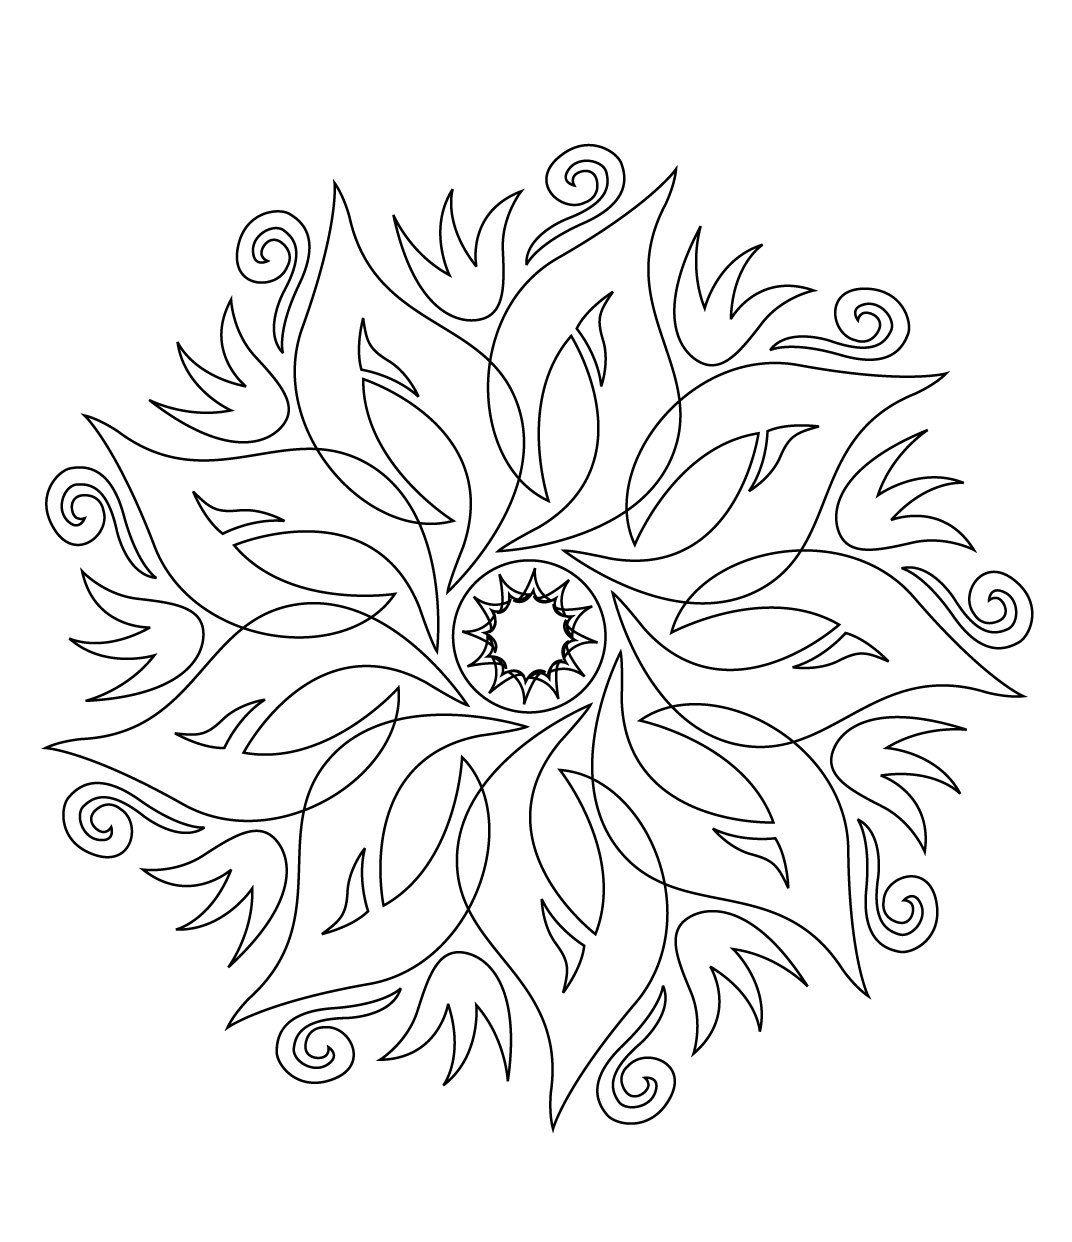 Stci coloriage pour adultes et enfants mandalas mandalas coloring pages mandala coloring - Mandalas a colorier pour adultes ...